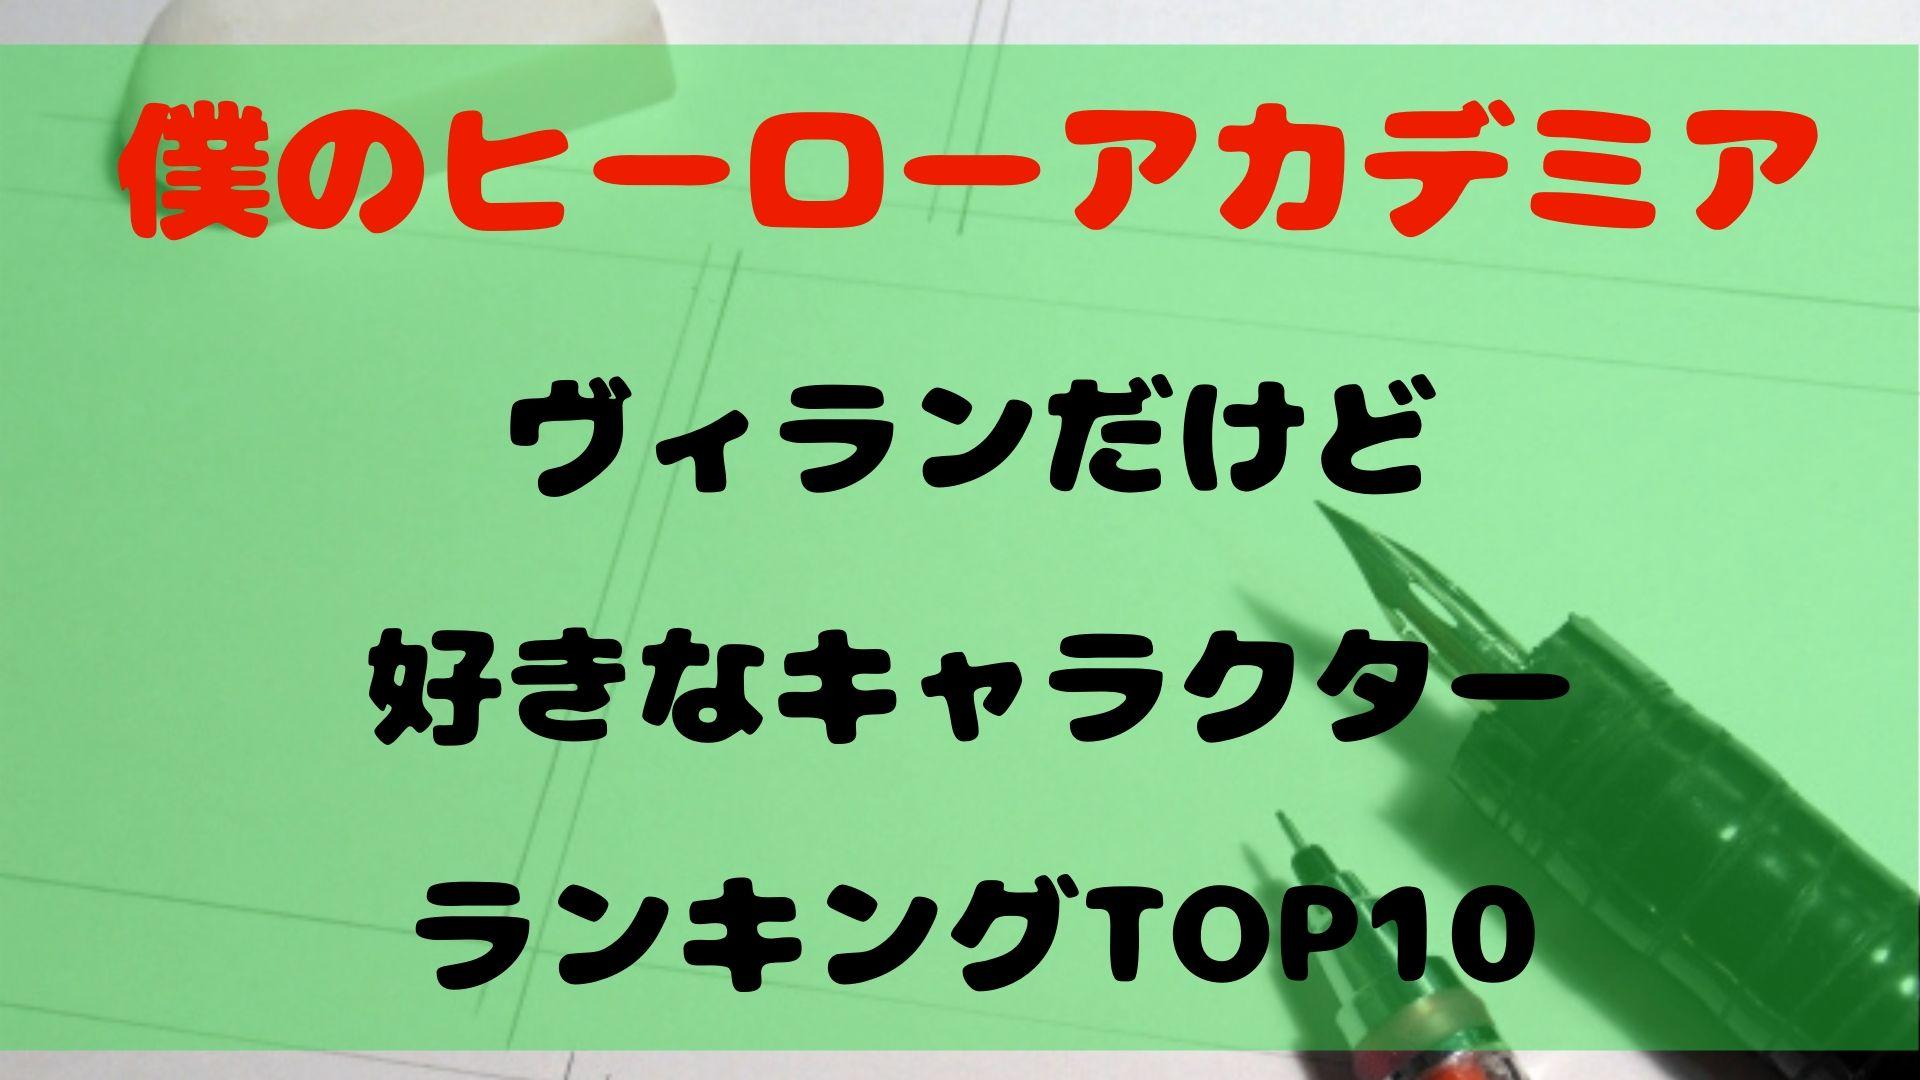 【ヒロアカ】ヴィランだけど好きなキャラクターランキングTOP10